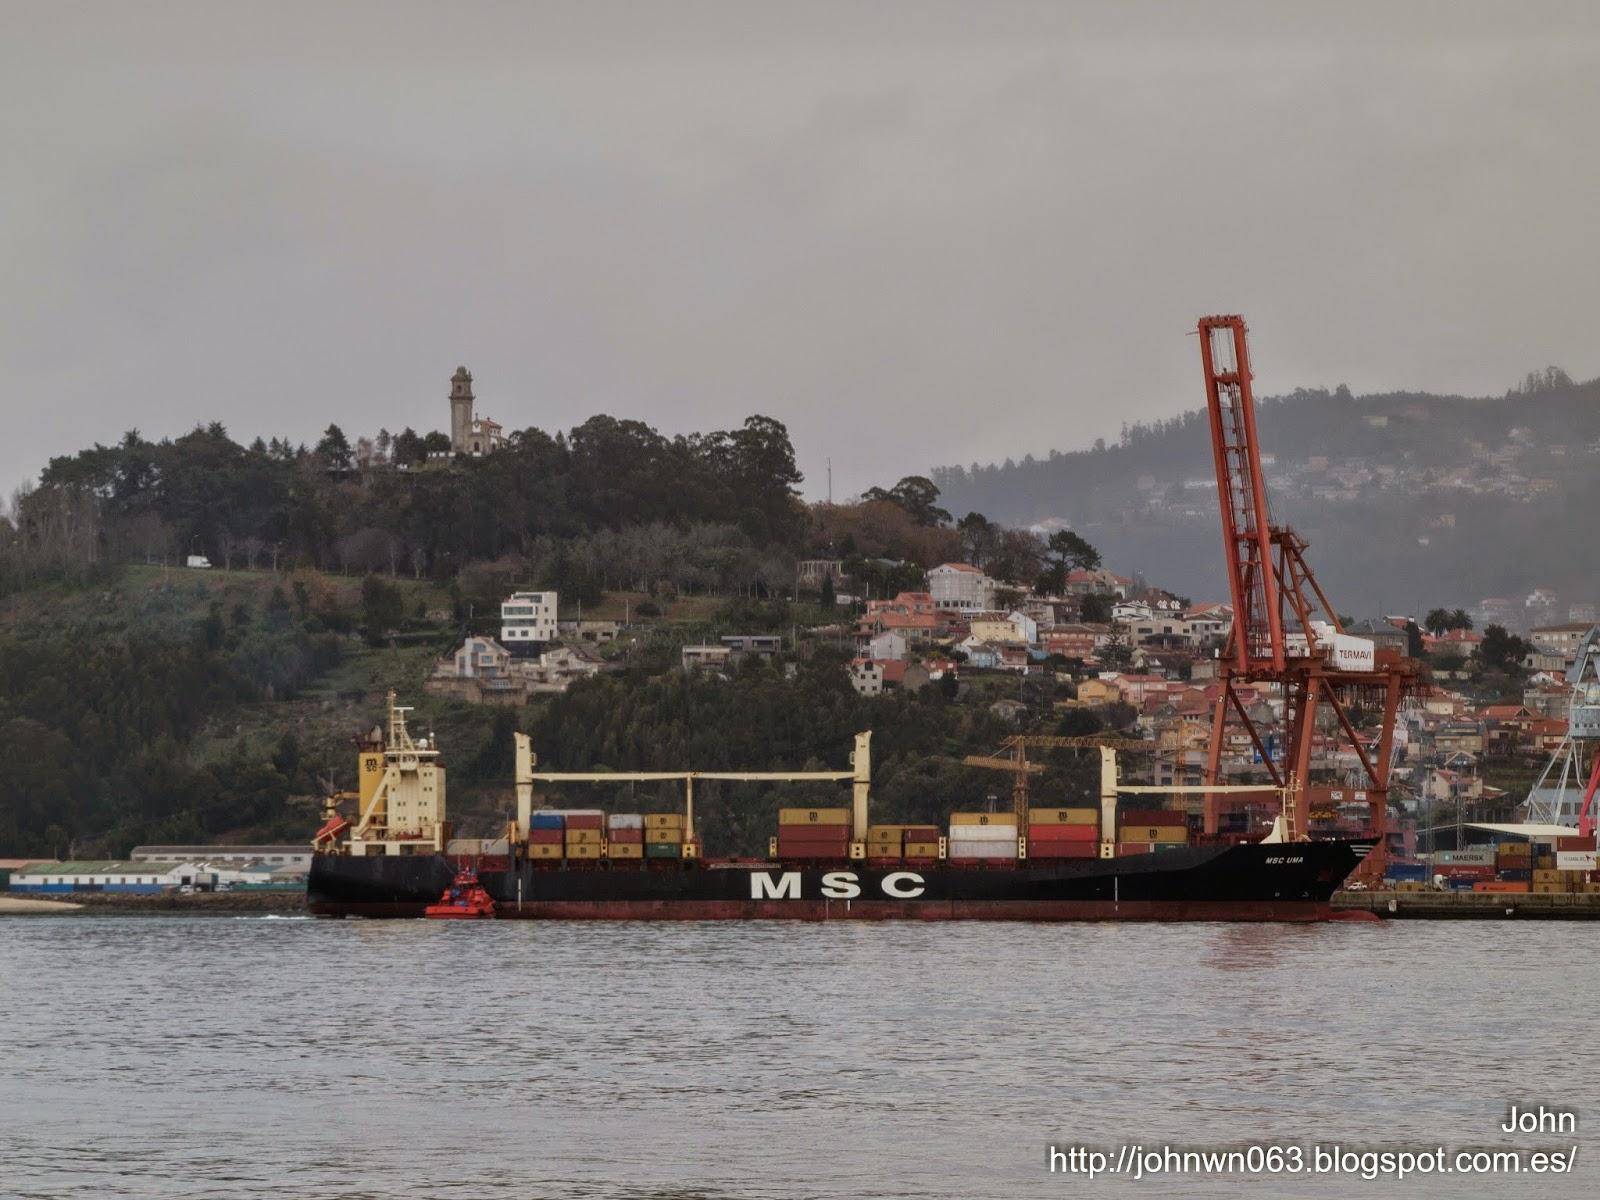 fotos de barcos, imagenes de barcos, msc uma, msc, vigo